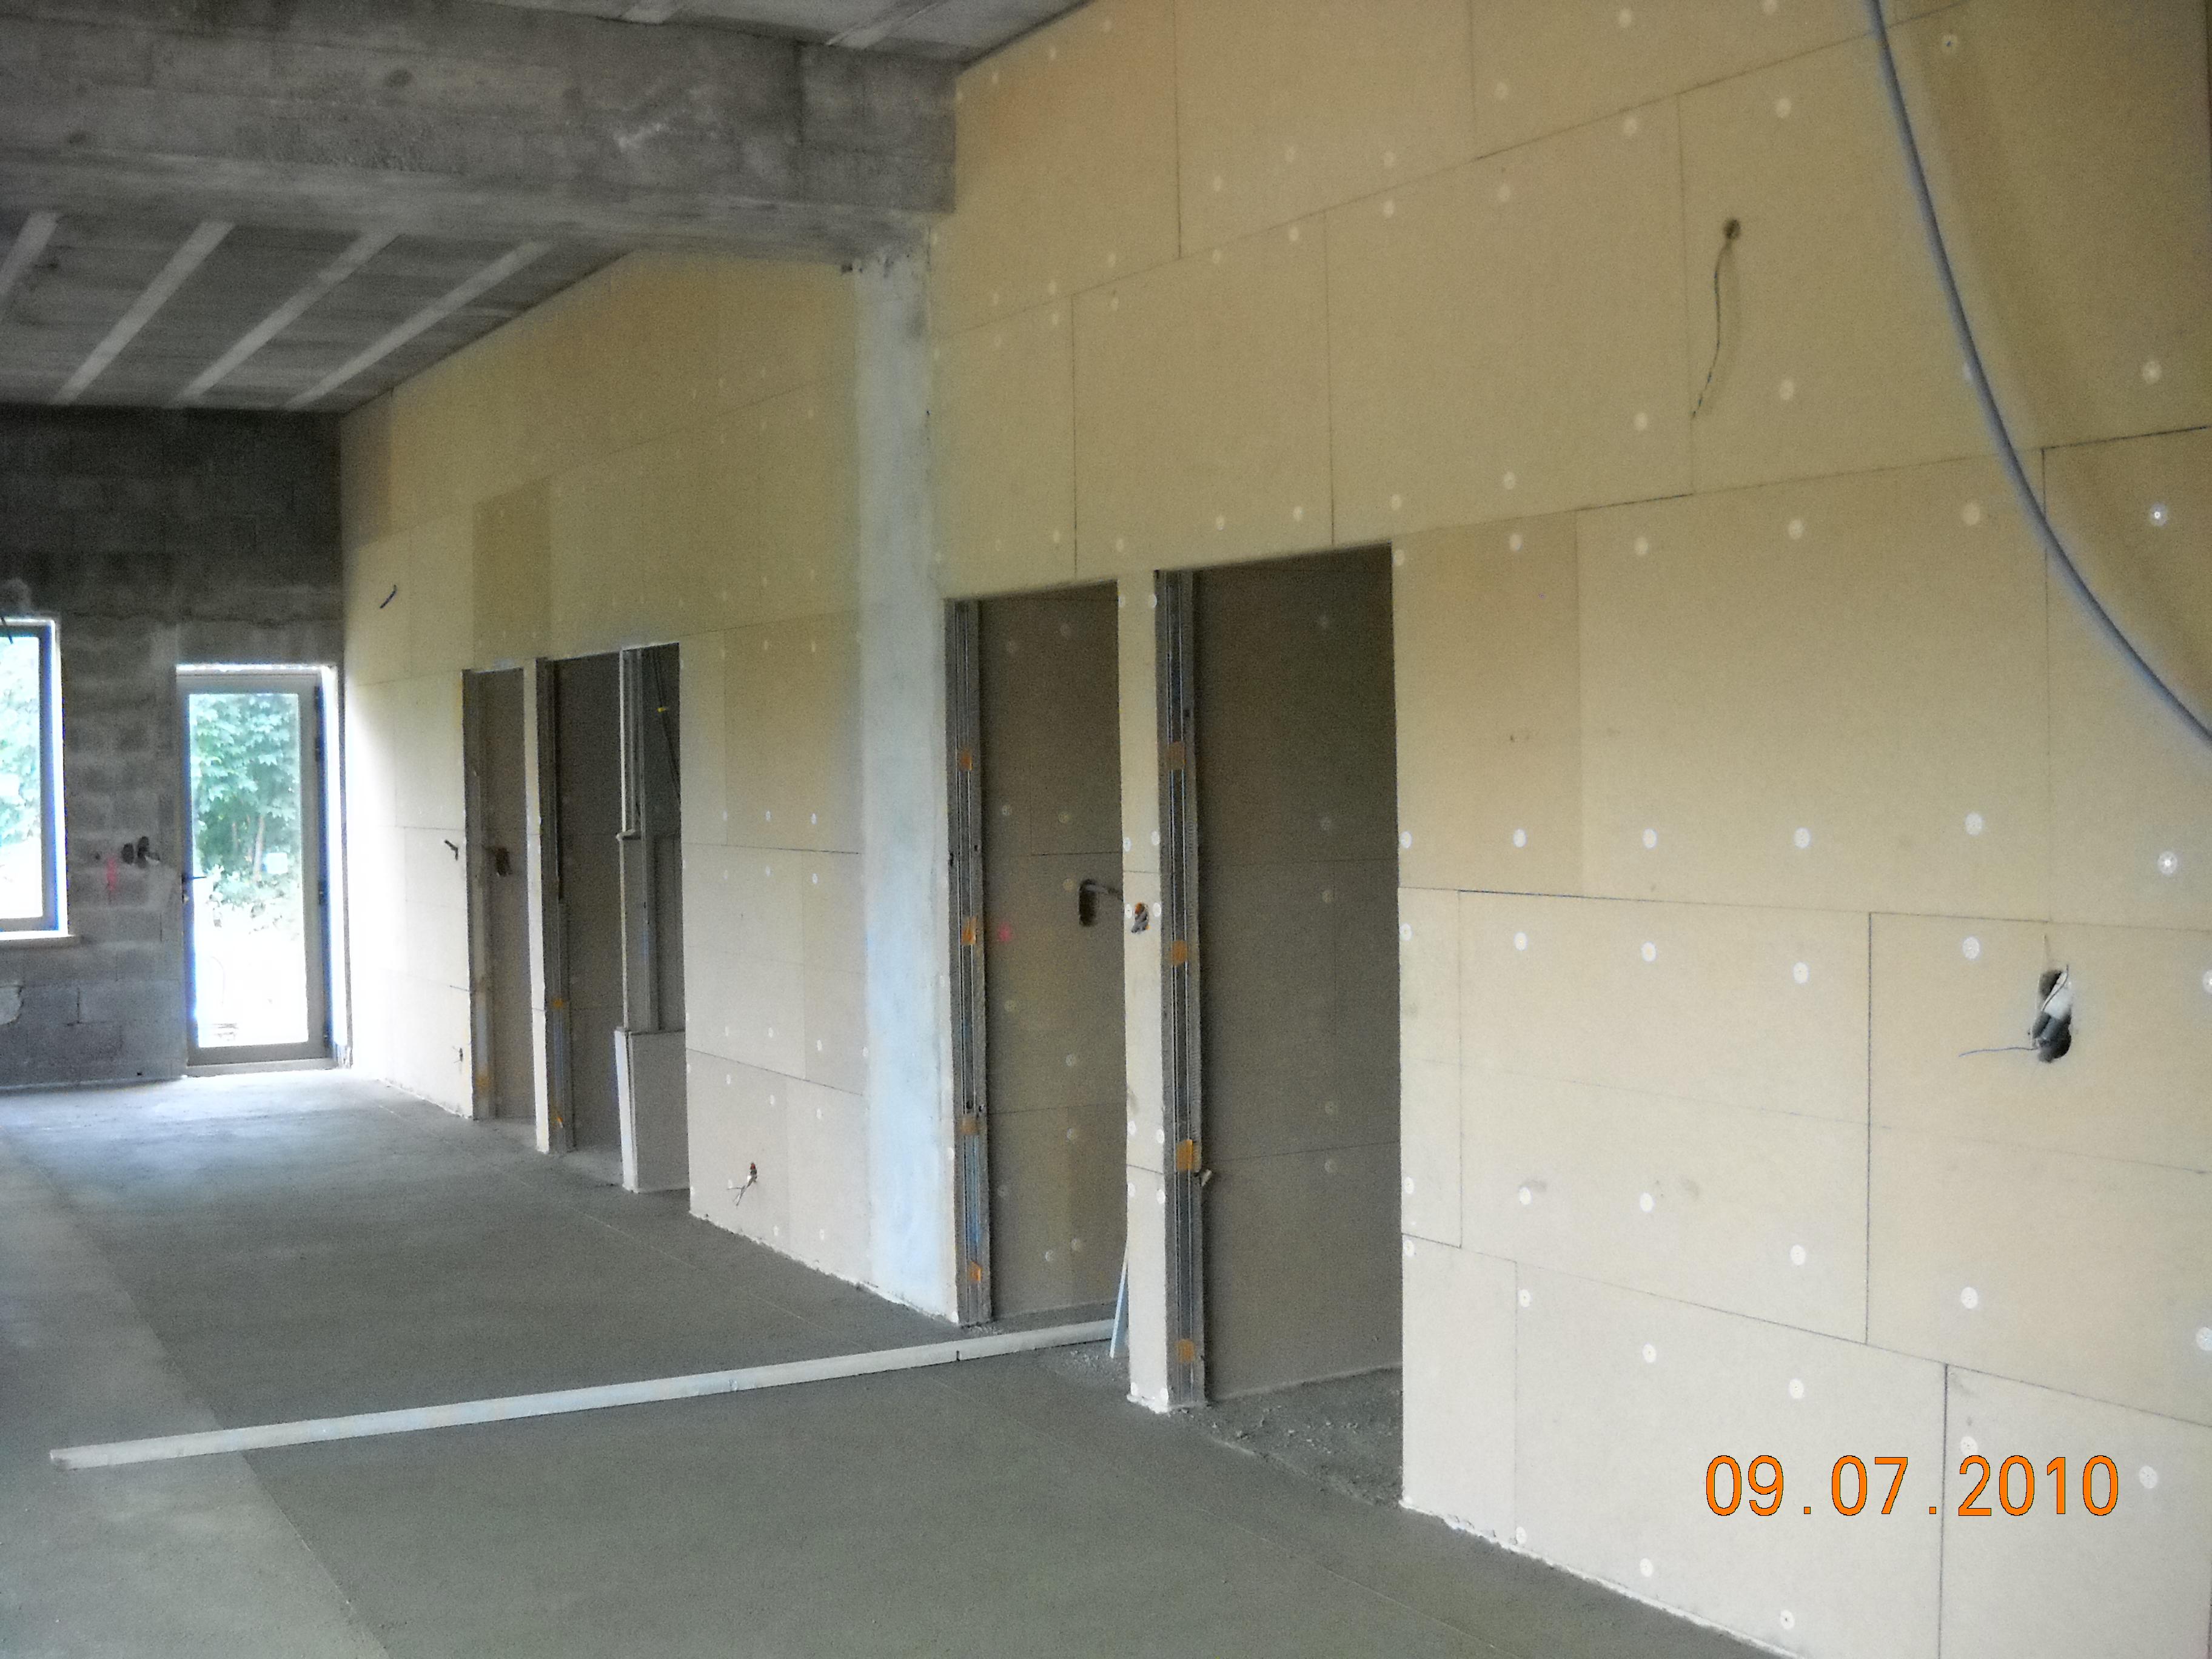 Panneau anti bruit intrieur excellent studio de for Combattre humidite mur interieur